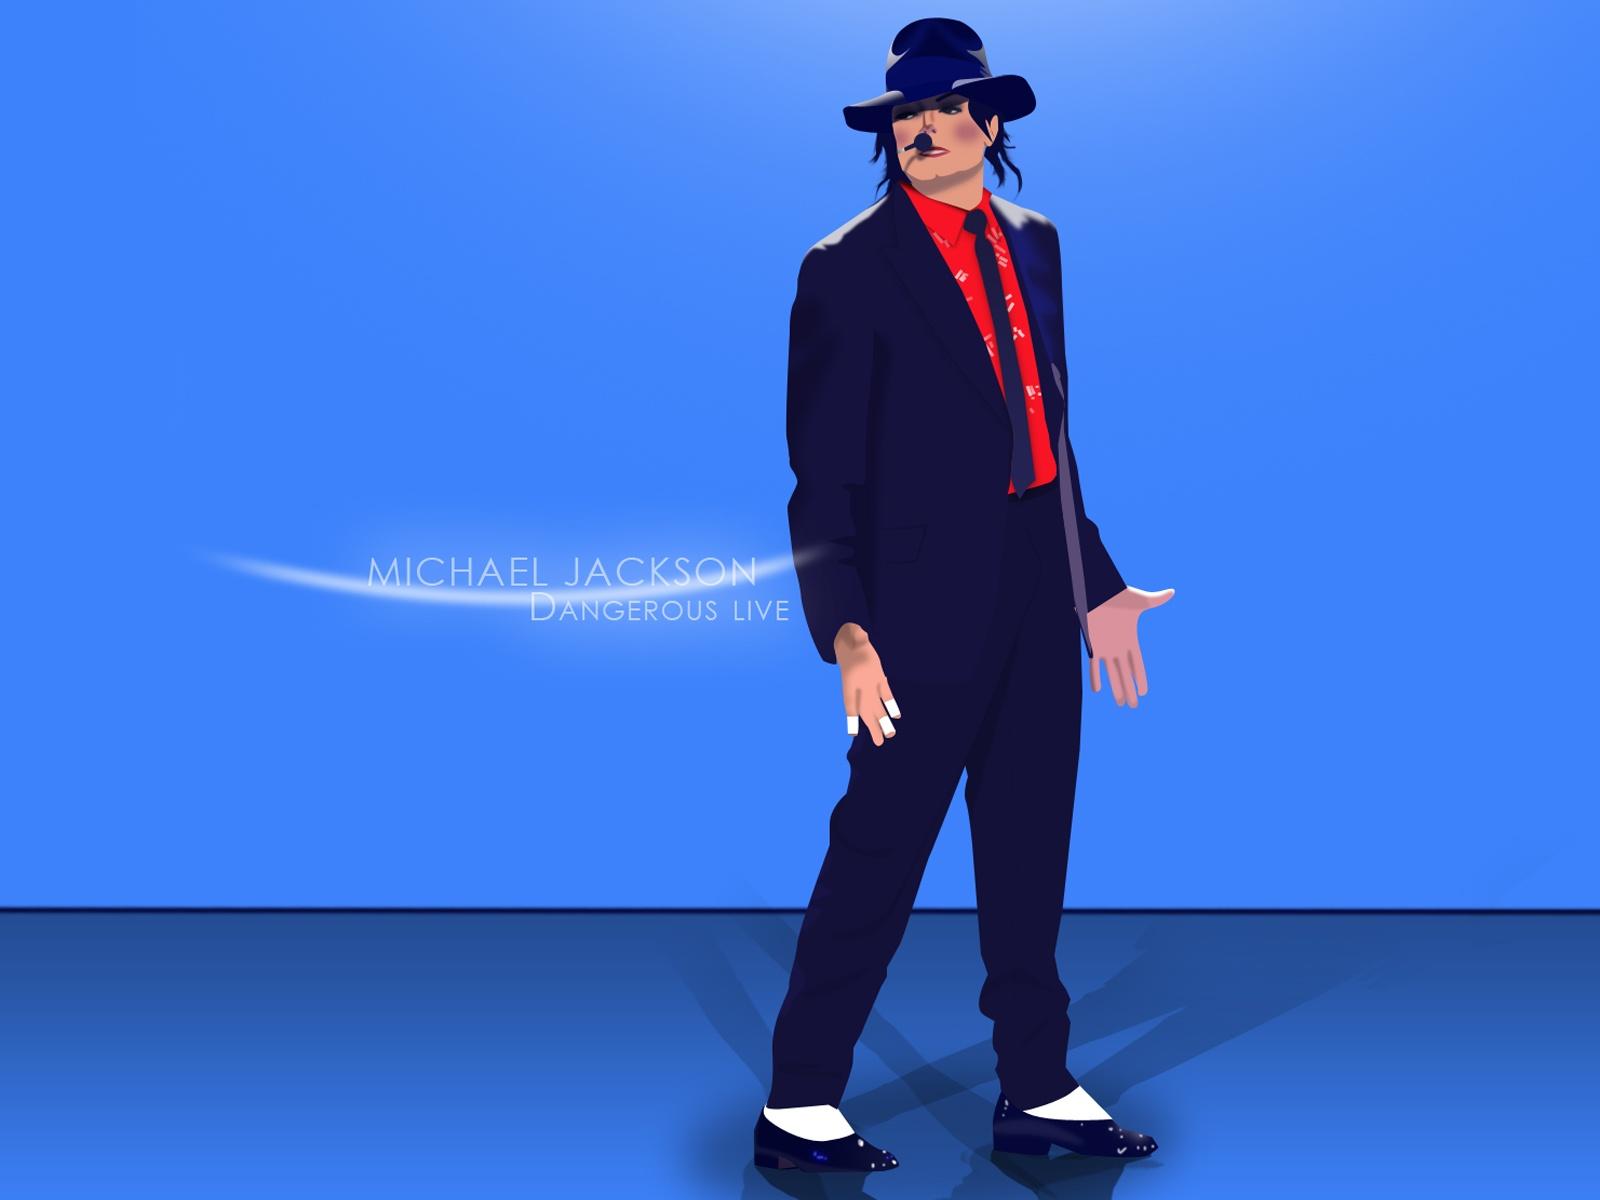 Wallpaper download live - Michael Jackson Dangerous Live